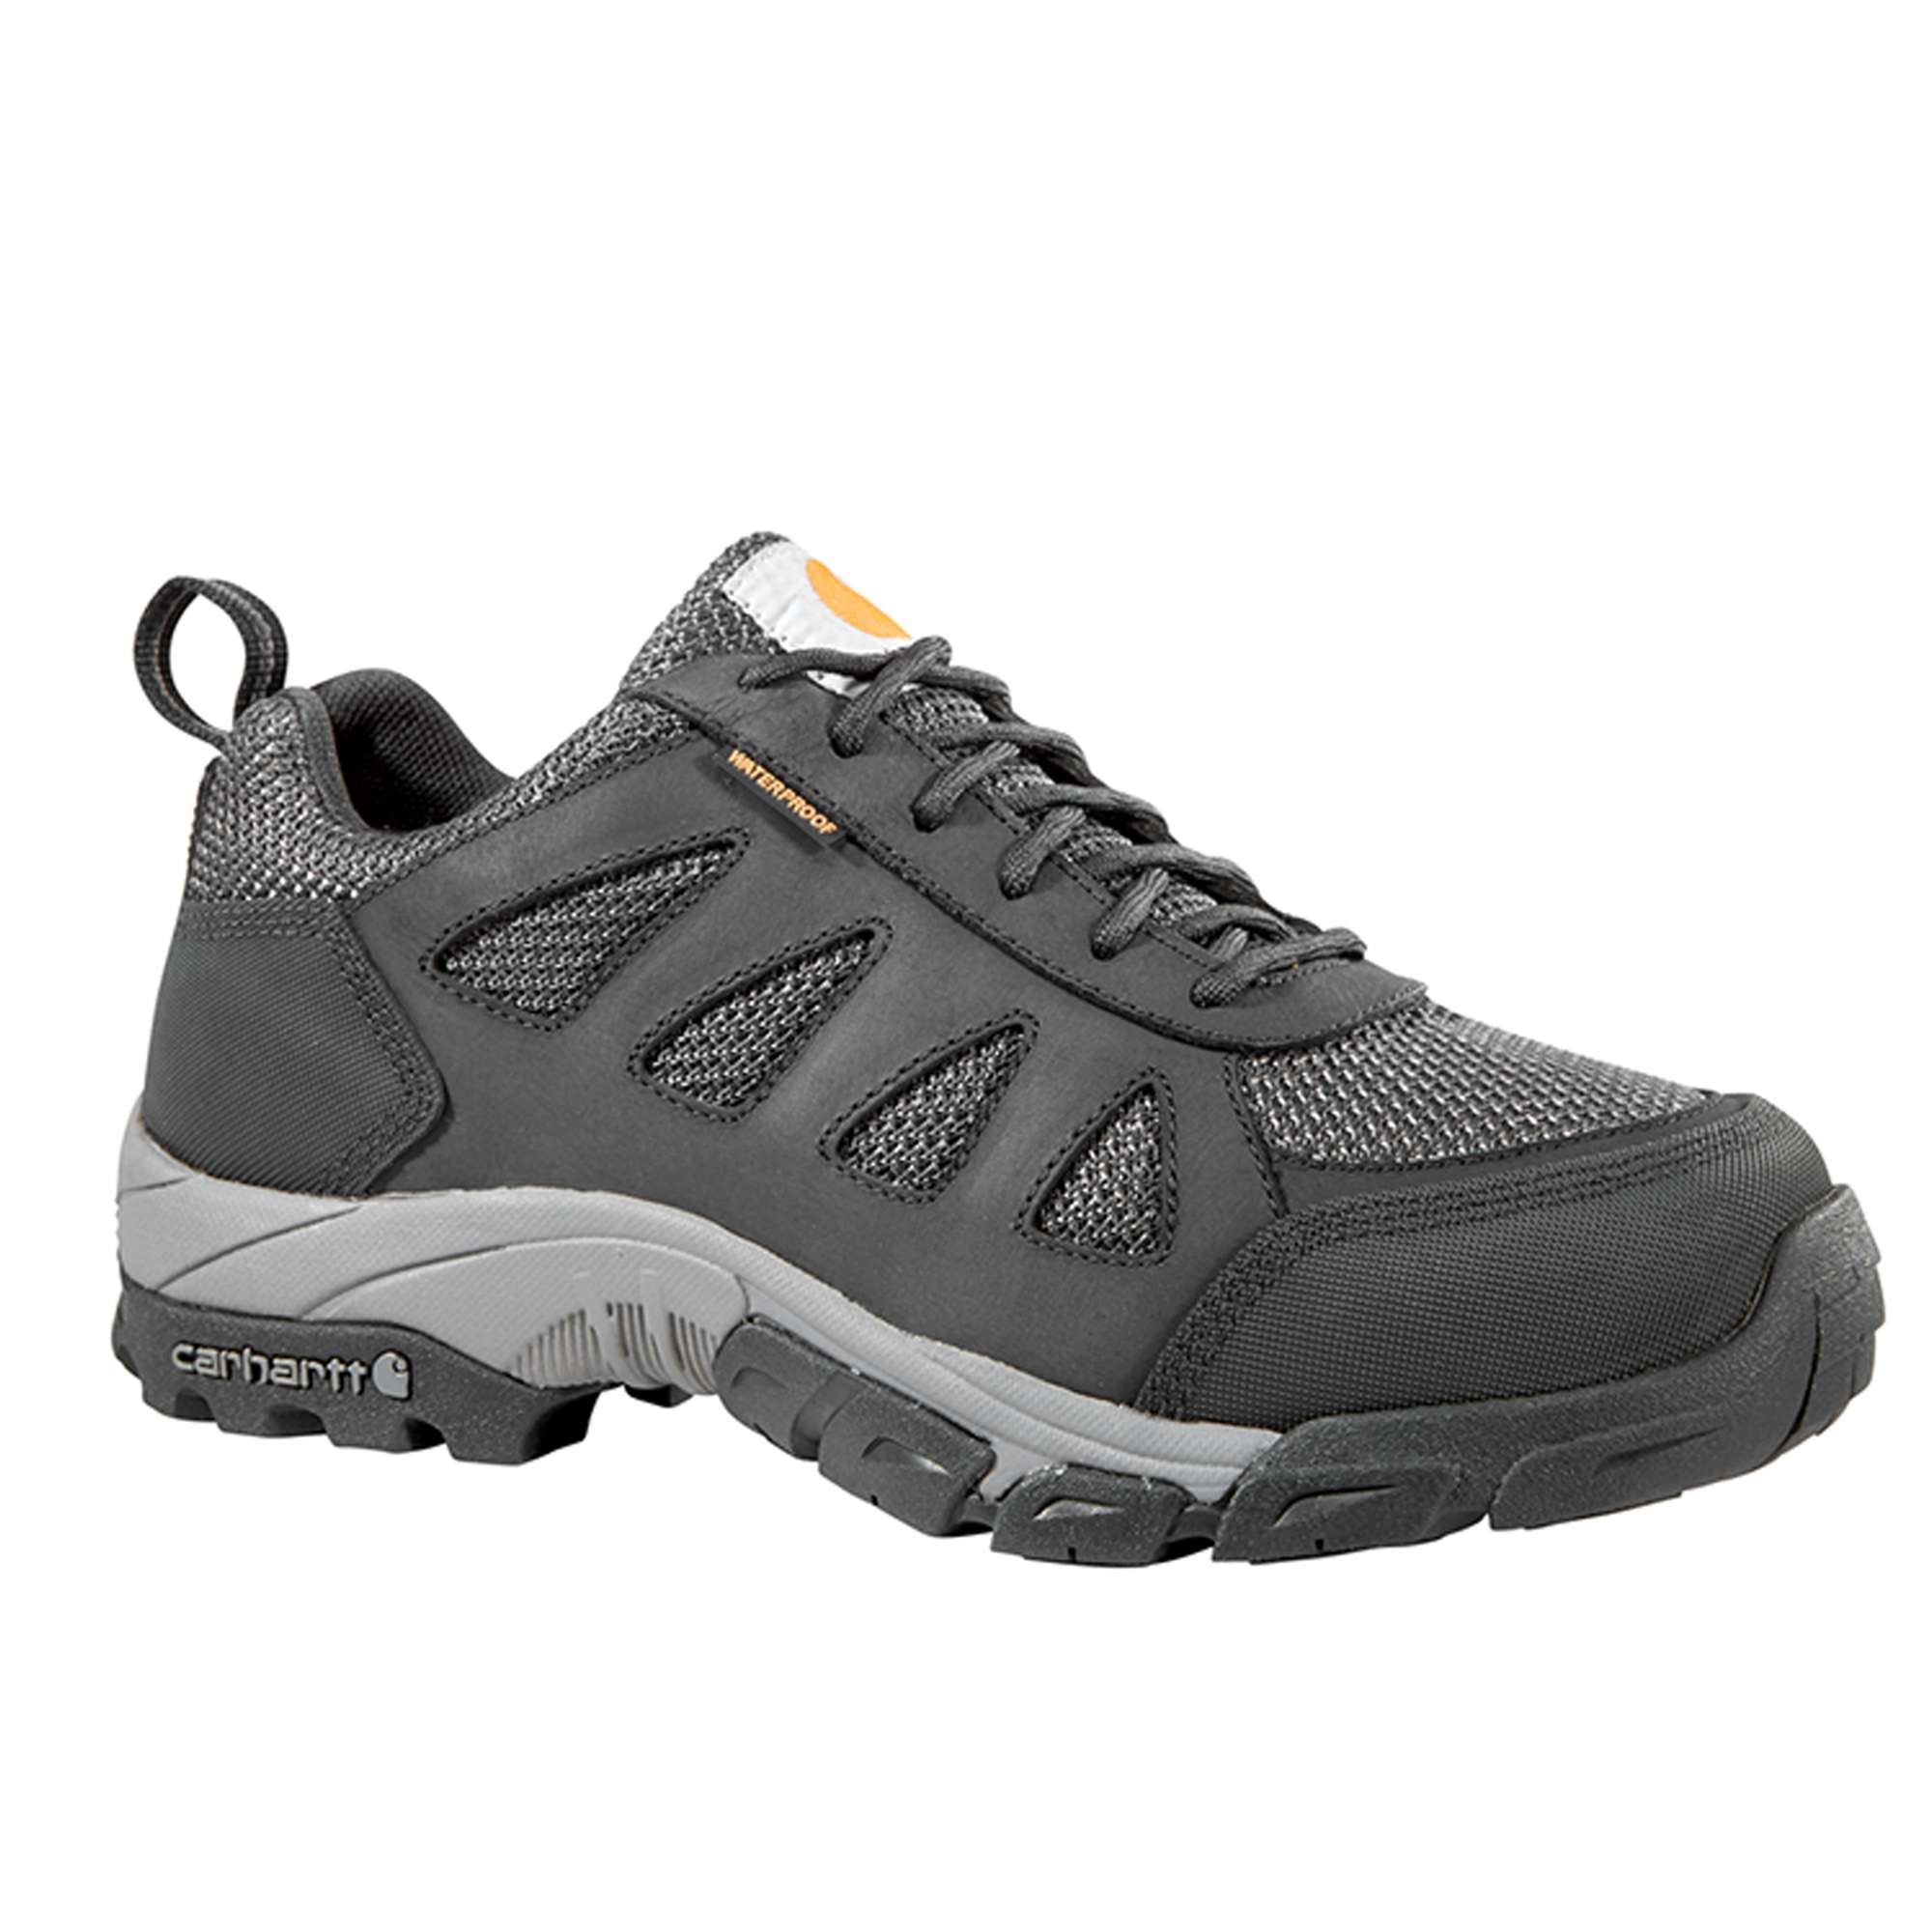 Carhartt Lightweight Low Non-Safety Toe Work Hiker